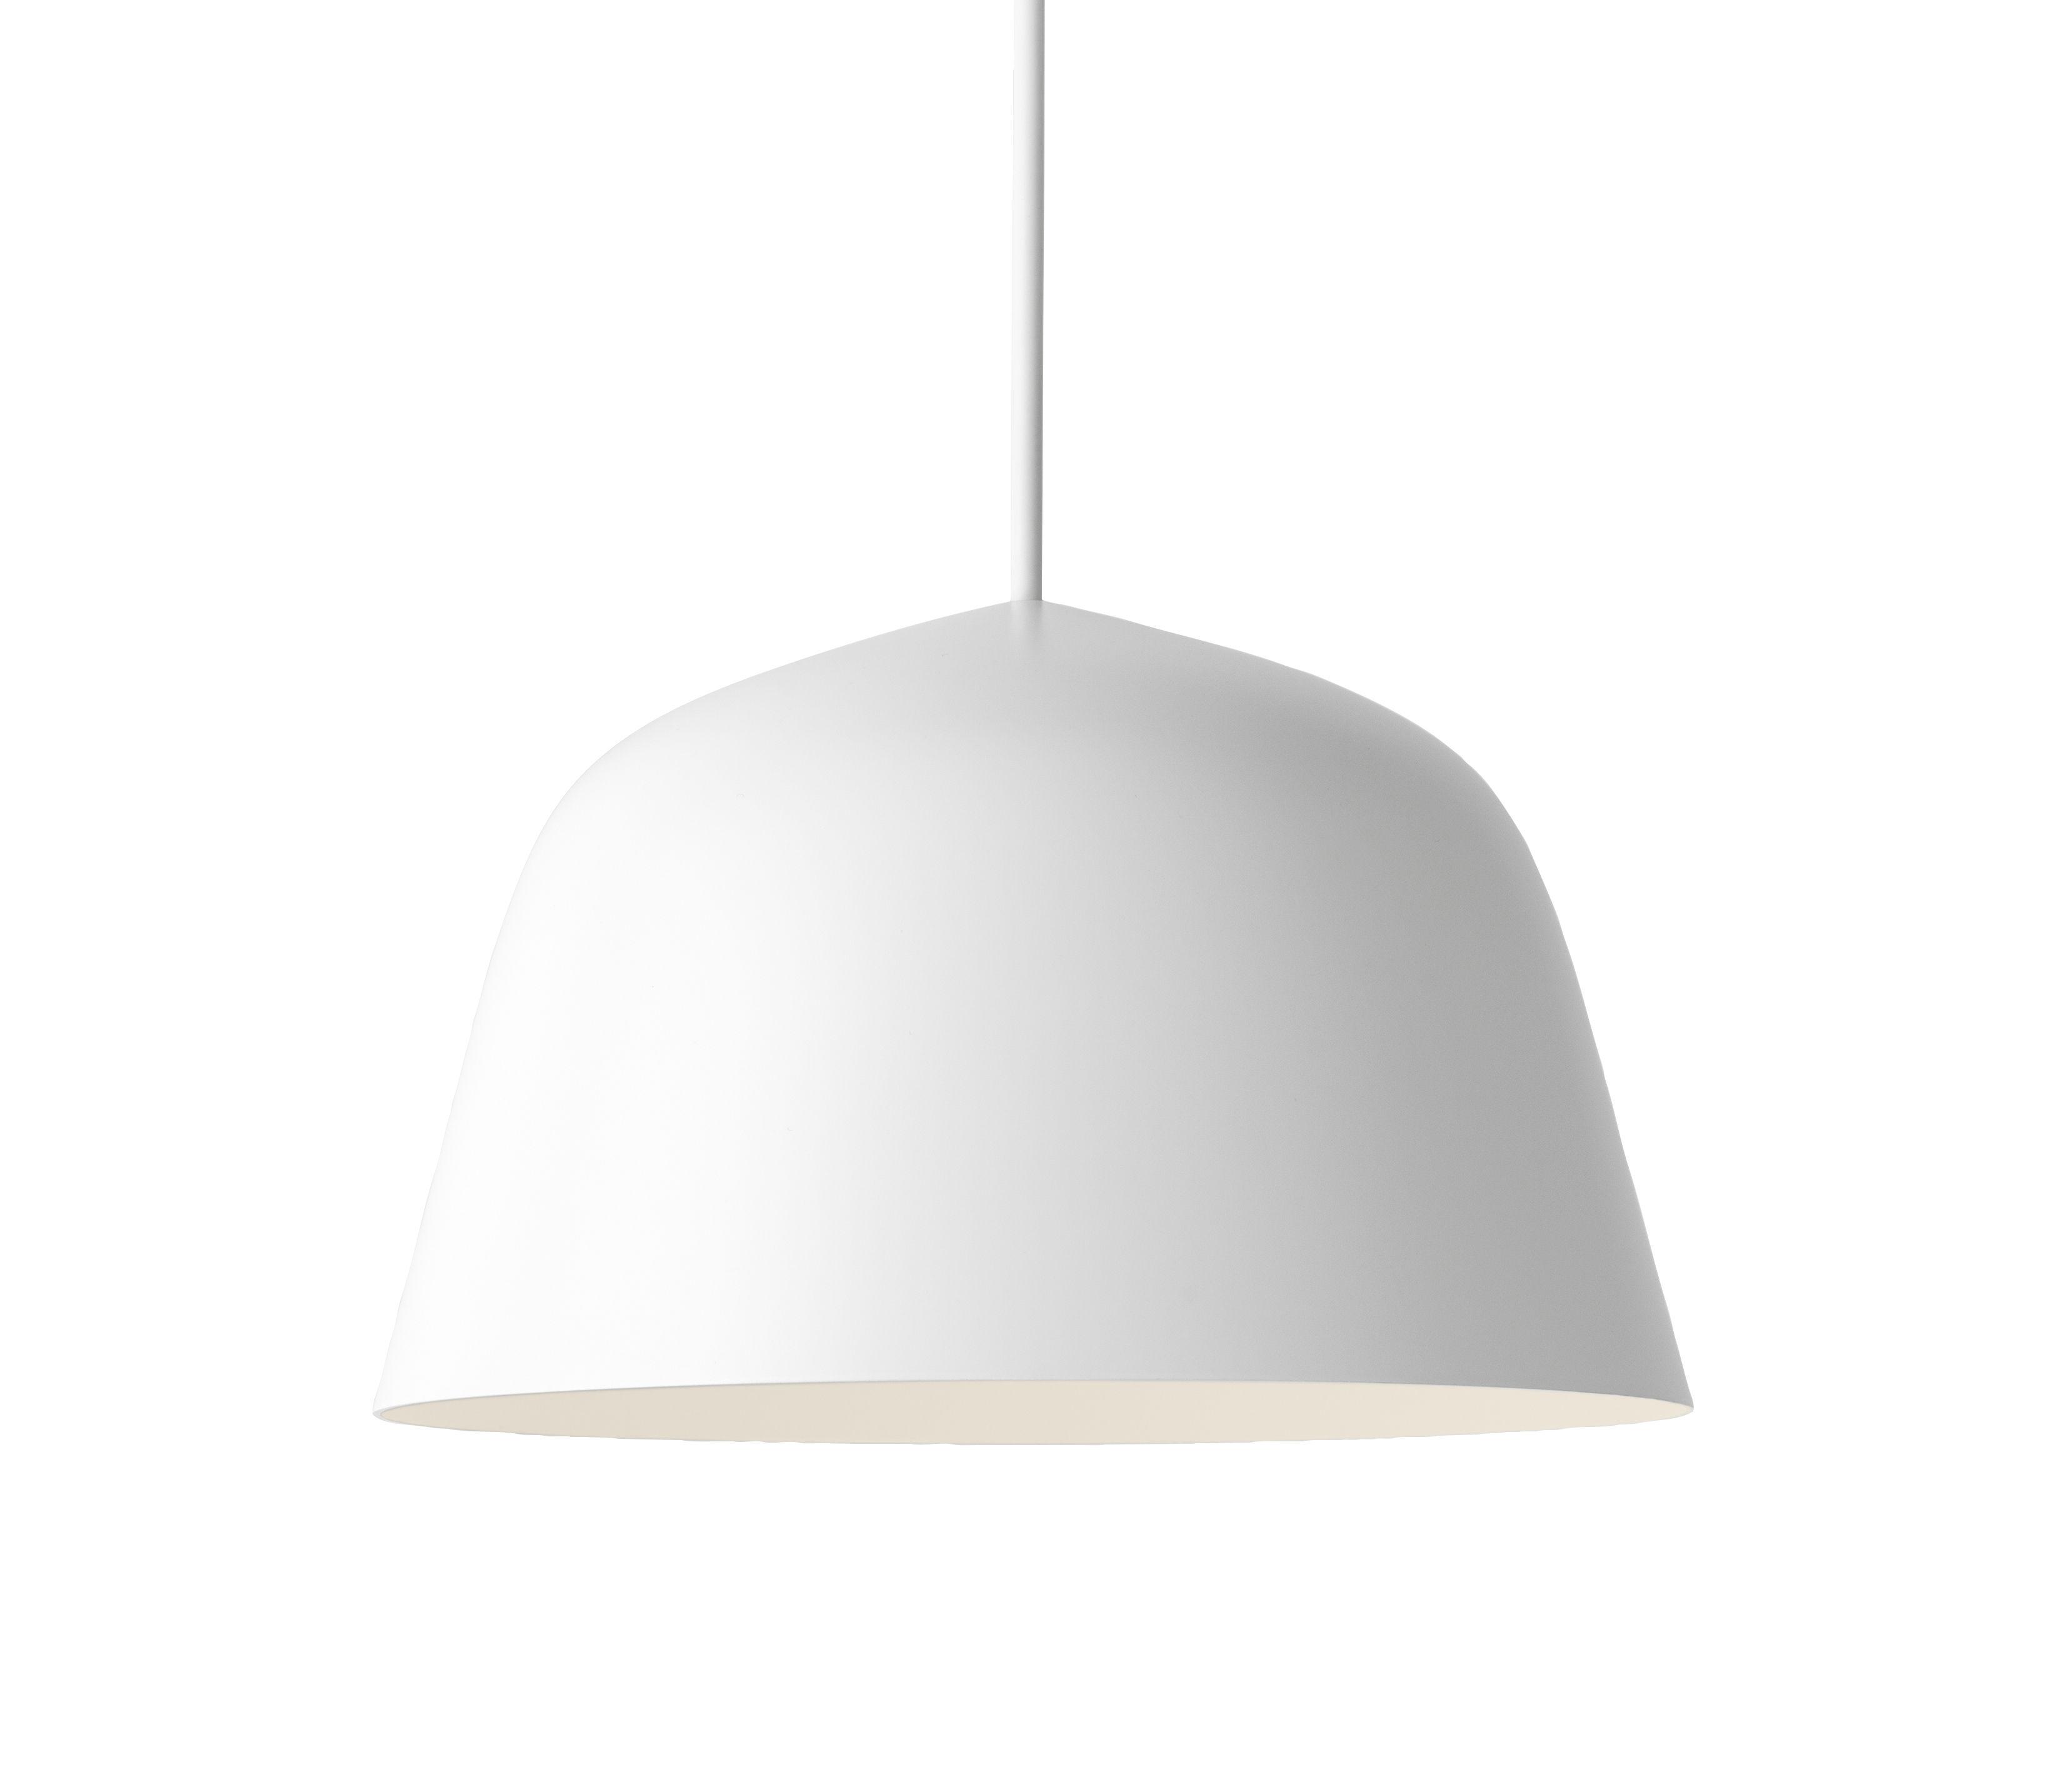 Leuchten - Pendelleuchten - Ambit Pendelleuchte / Ø 25 cm - Metall - Muuto - Weiß - Aluminium